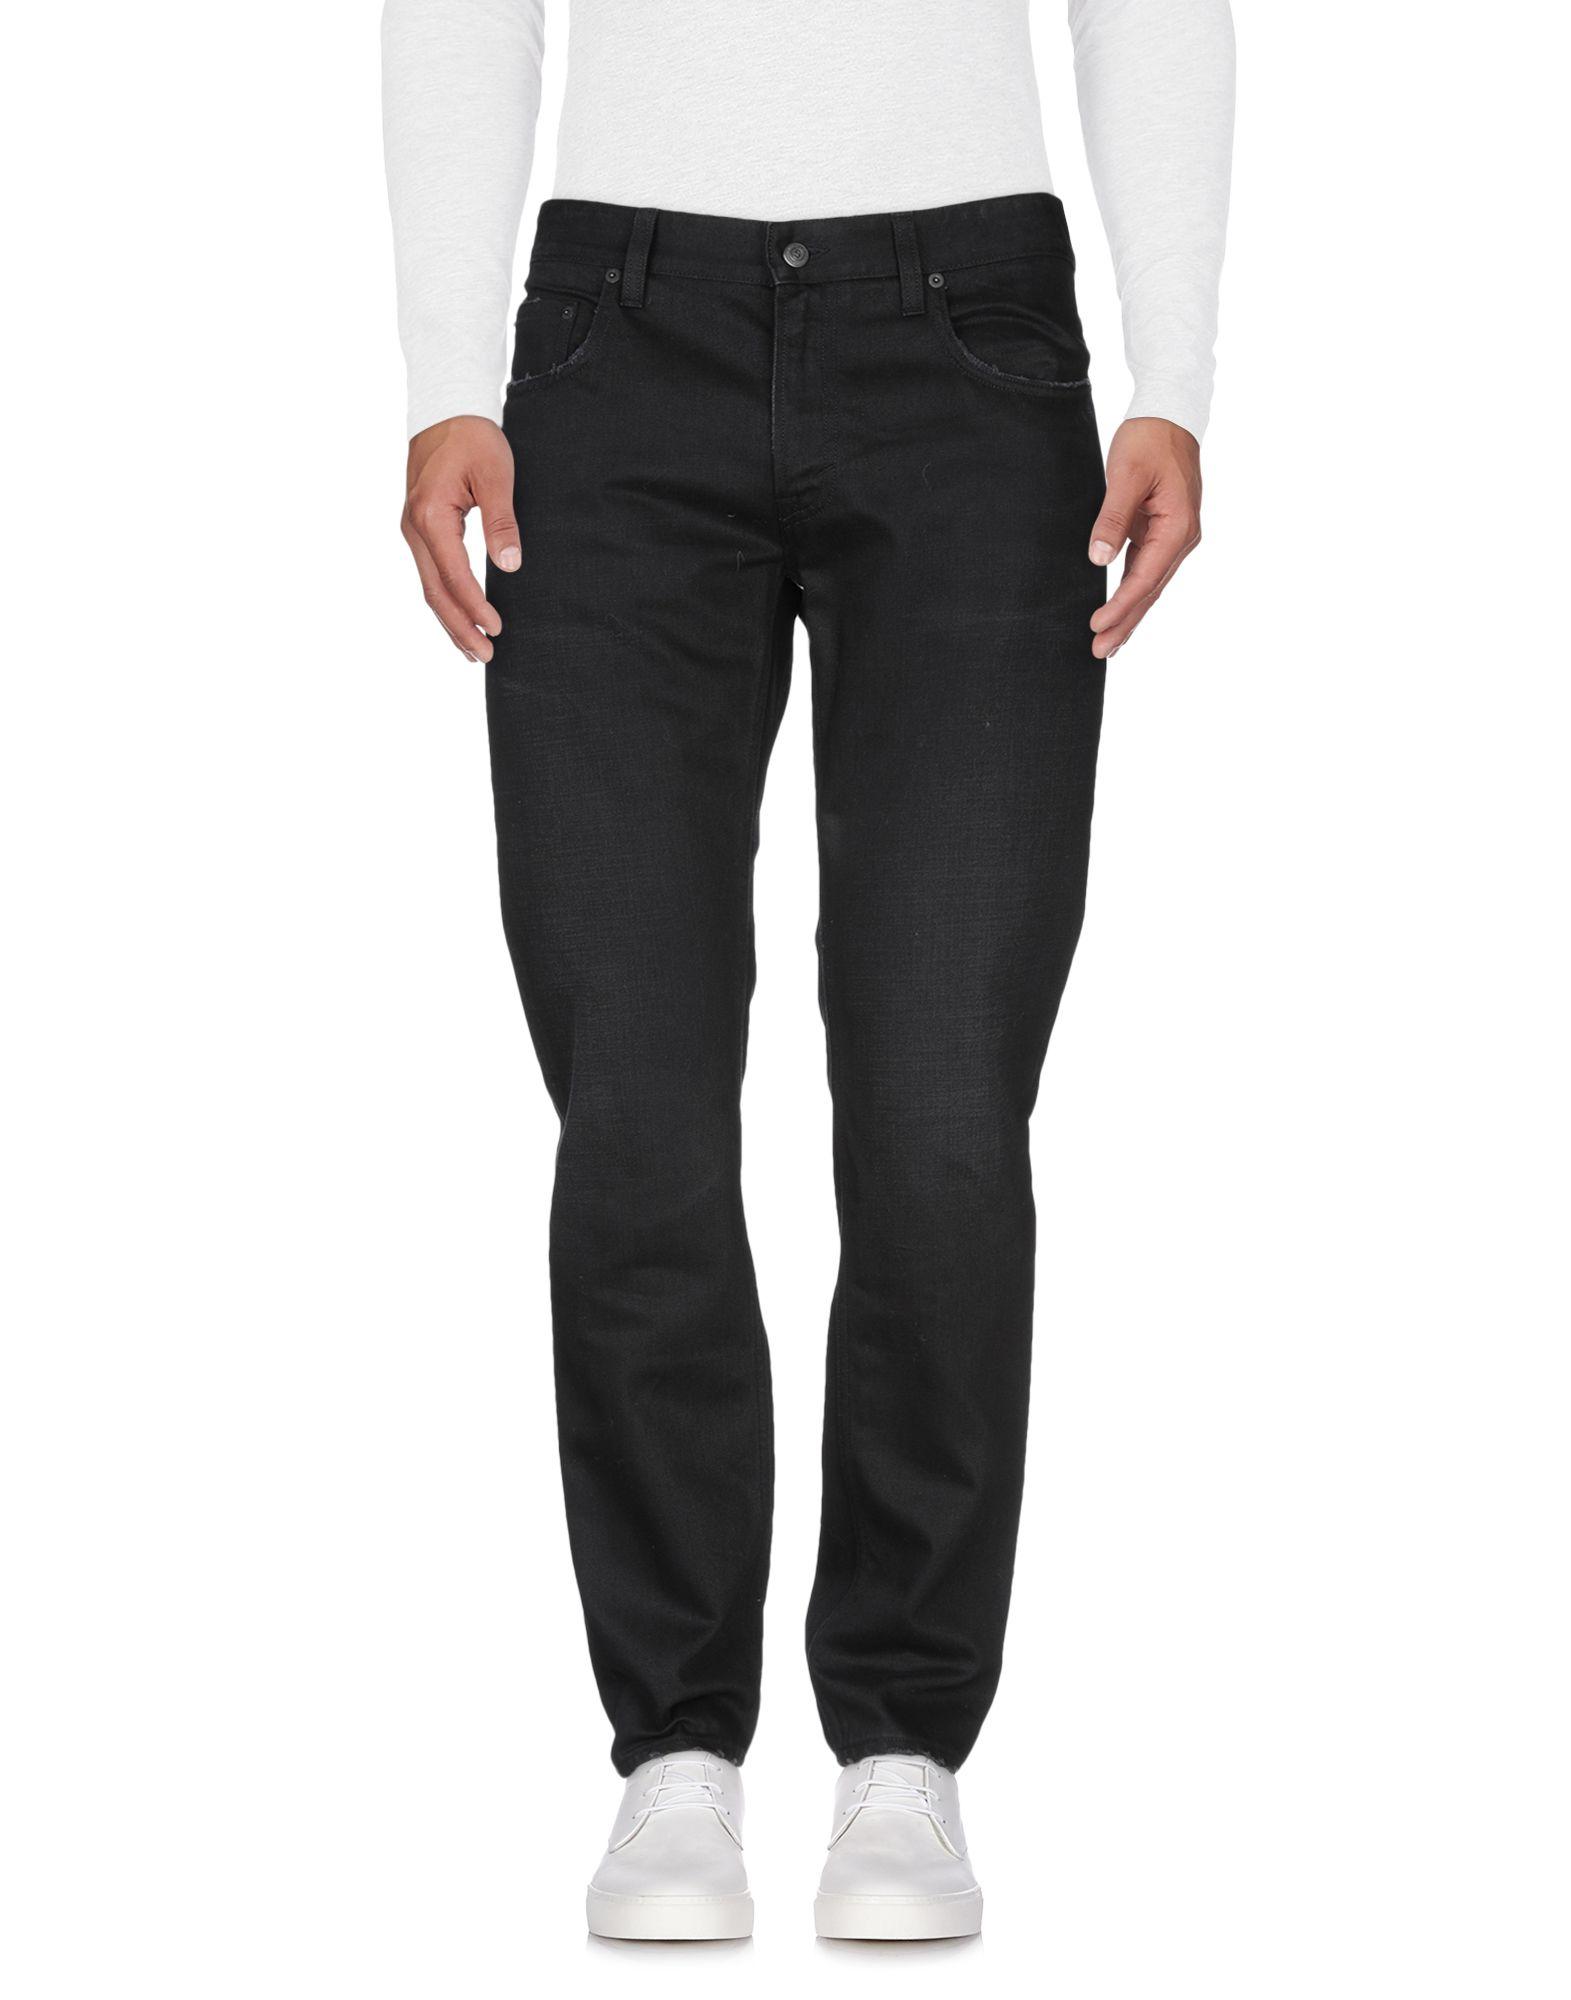 DEPARTMENT 5 Джинсовые брюки брюки узкие с пропиткой 5 карманов длина 30